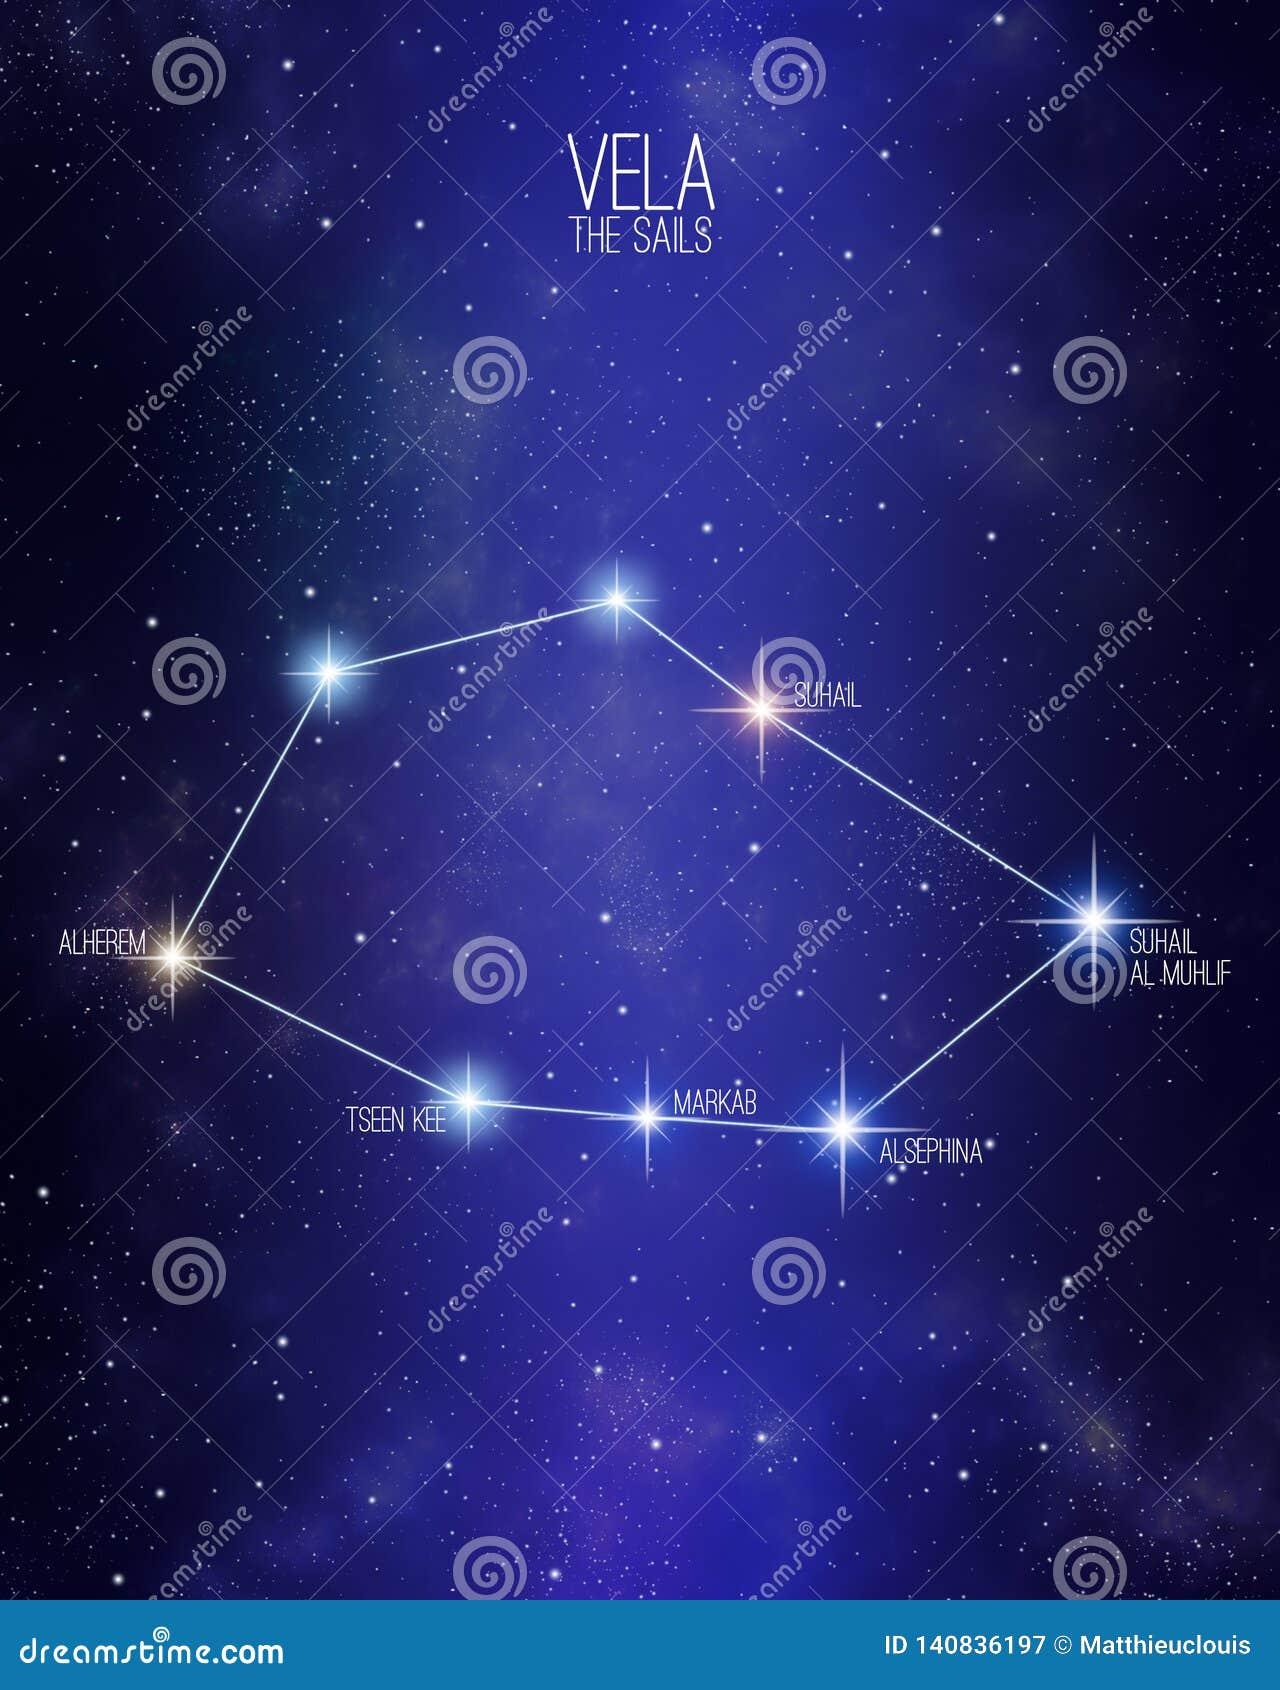 Vela a constelação das velas em um fundo estrelado do espaço